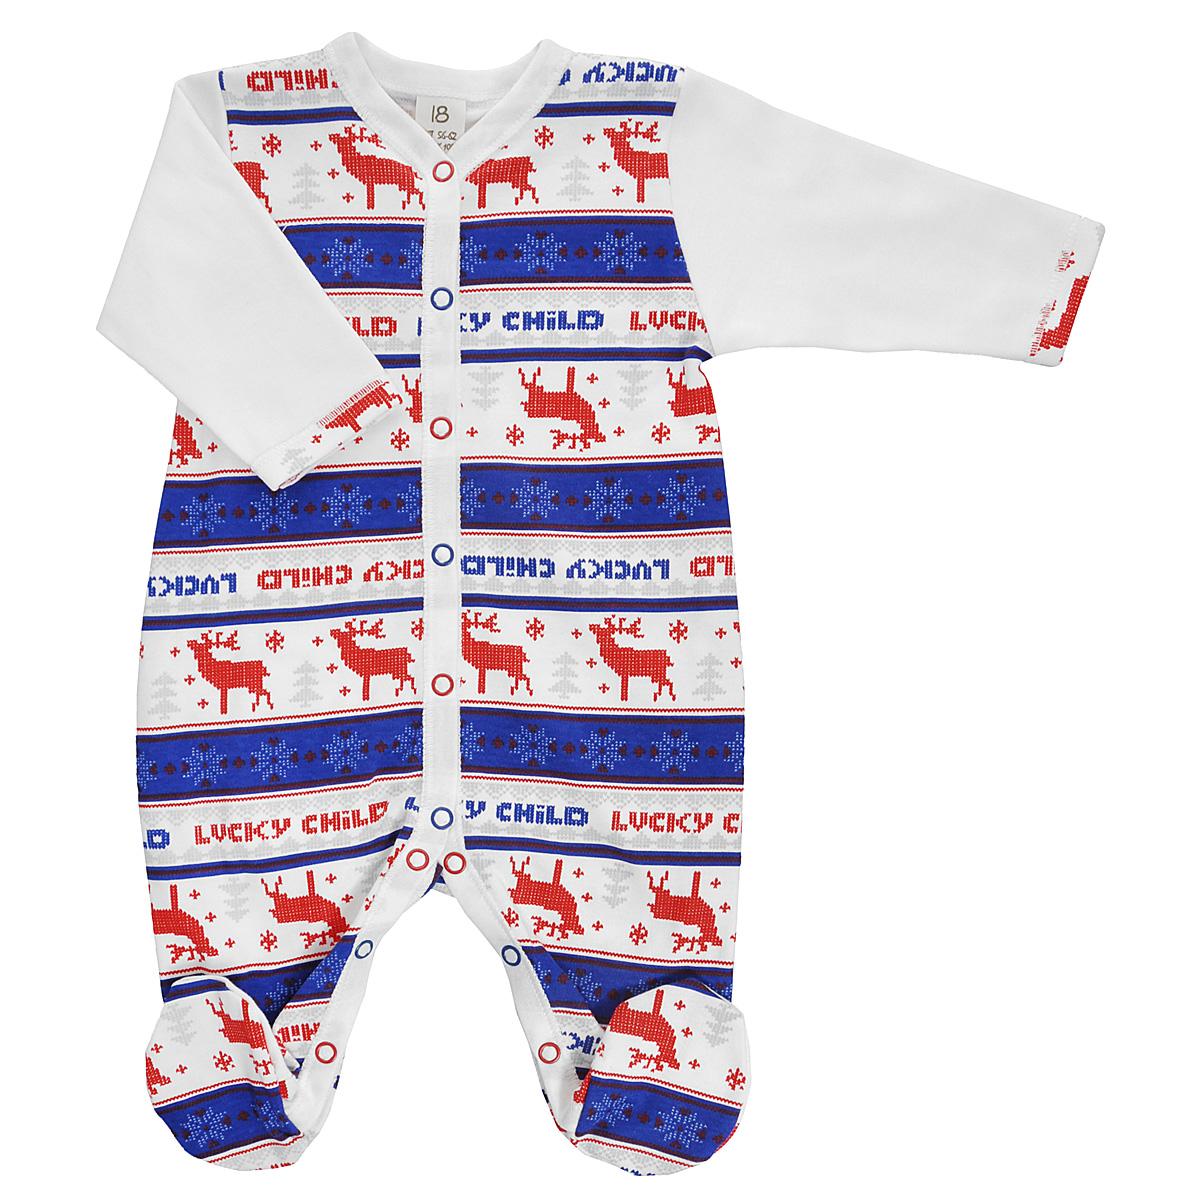 Комбинезон детский Lucky Child, цвет: молочный, синий, красный. 10-1_легкий. Размер 74/8010-1_легкийДетский комбинезон Lucky Child Скандинавия - очень удобный и практичный вид одежды для малышей. Комбинезон выполнен из натурального хлопка, благодаря чему он необычайно мягкий и приятный на ощупь, не раздражает нежную кожу ребенка и хорошо вентилируется, а эластичные швы приятны телу малыша и не препятствуют его движениям. Комбинезон с длинными рукавами и закрытыми ножками имеет застежки-кнопки от горловины до щиколоток, которые помогают легко переодеть младенца или сменить подгузник. Оформлена модель модным скандинавским принтом. С детским комбинезоном Lucky Child спинка и ножки вашего малыша всегда будут в тепле, он идеален для использования днем и незаменим ночью. Комбинезон полностью соответствует особенностям жизни младенца в ранний период, не стесняя и не ограничивая его в движениях!